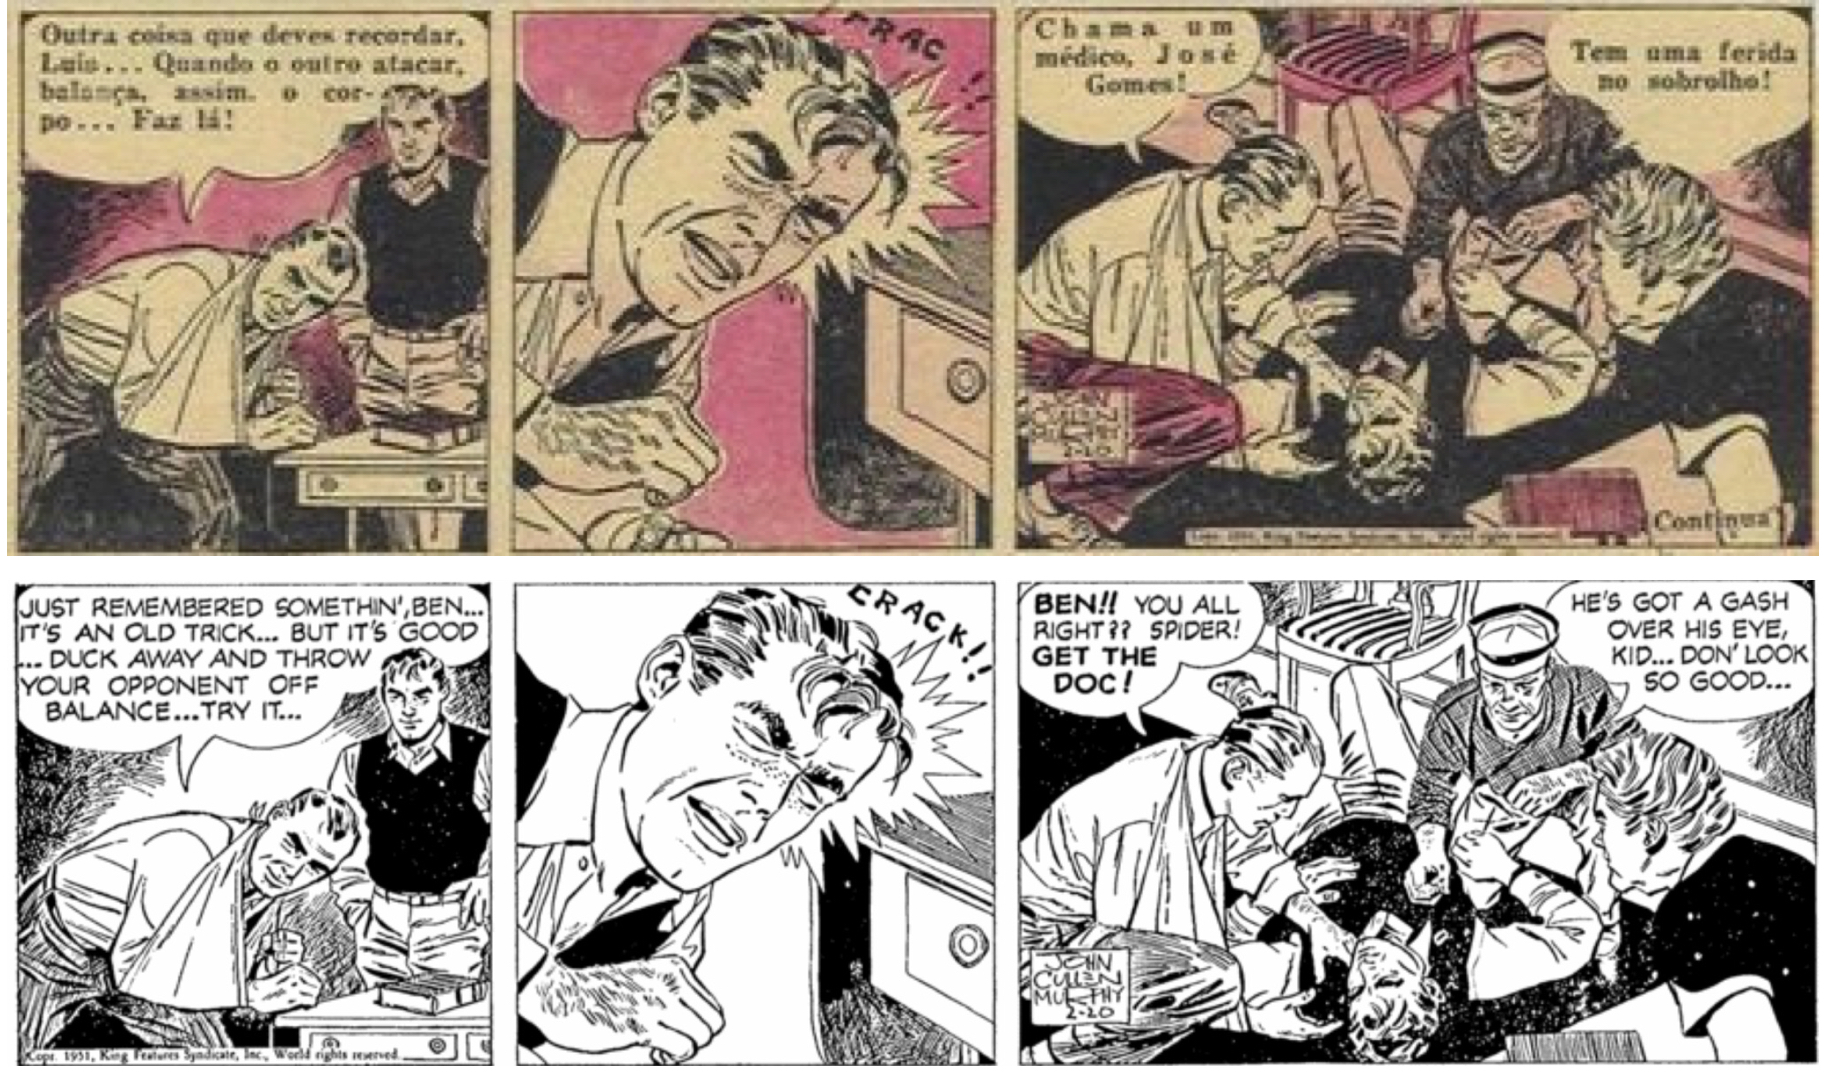 Ett till exempel på kapning underifrån, av Big Ben Bolt från 20 februari 1951